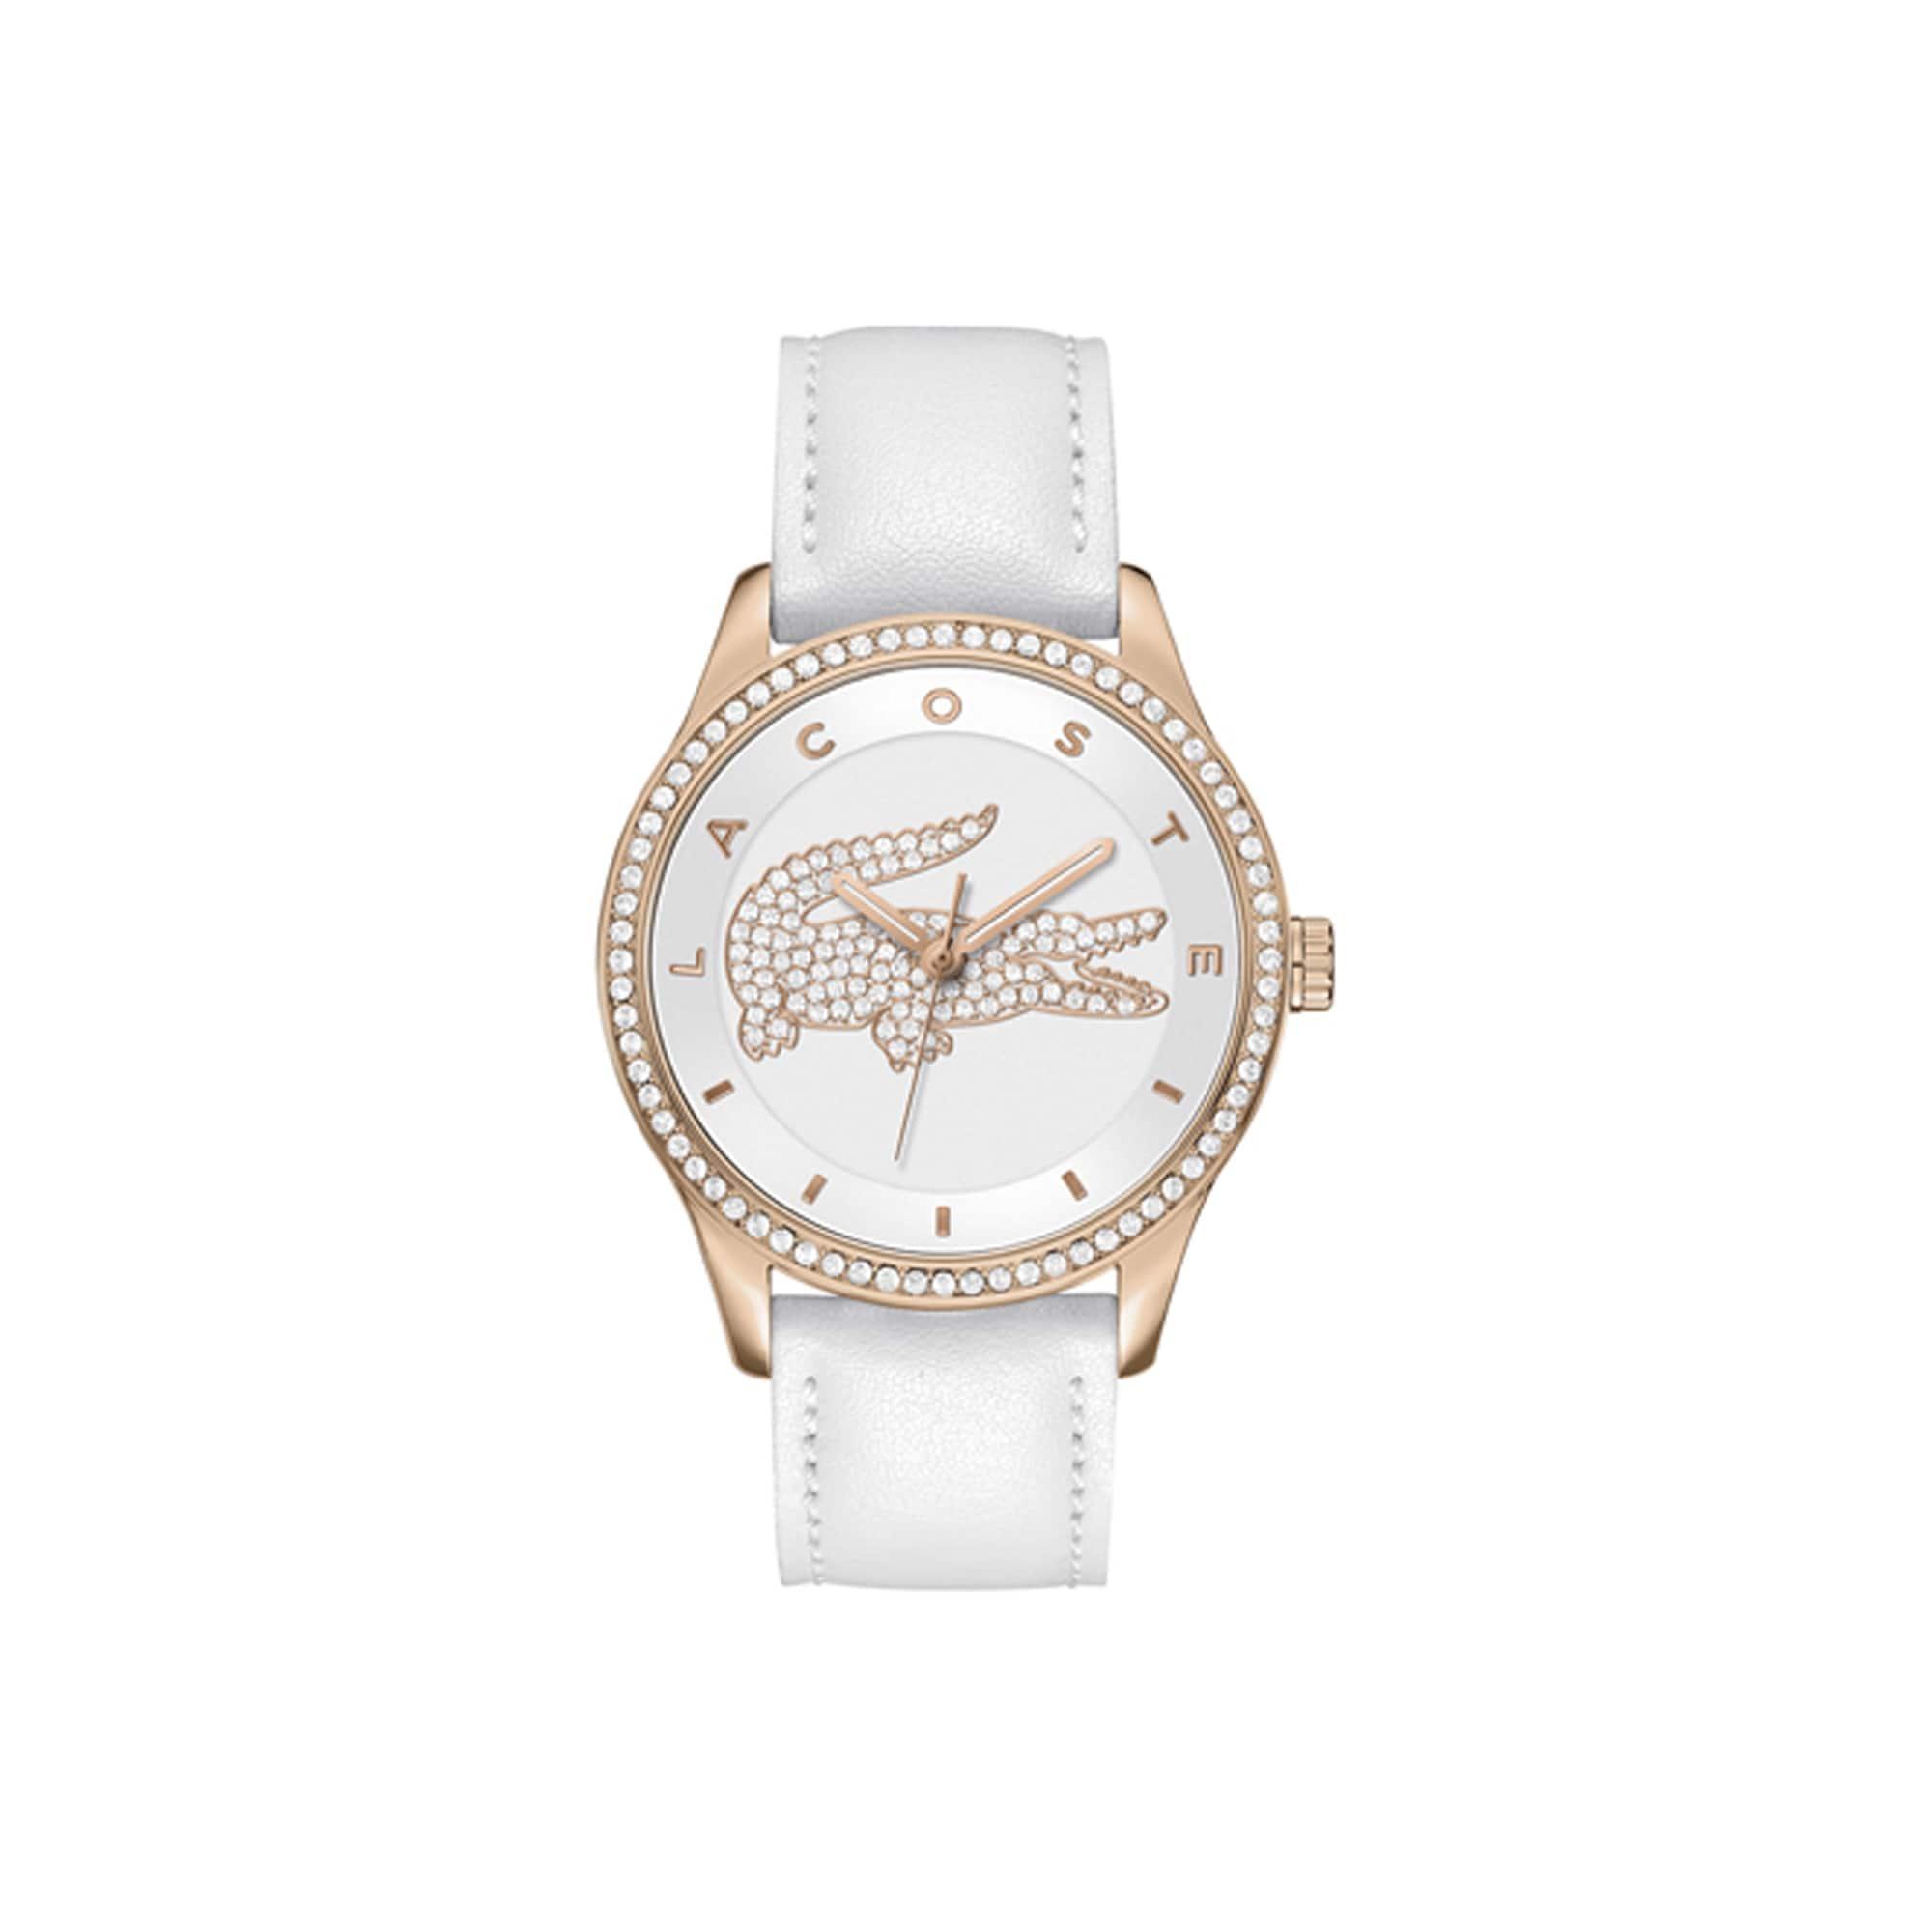 Relógio Victoria com crocodilo de cristal